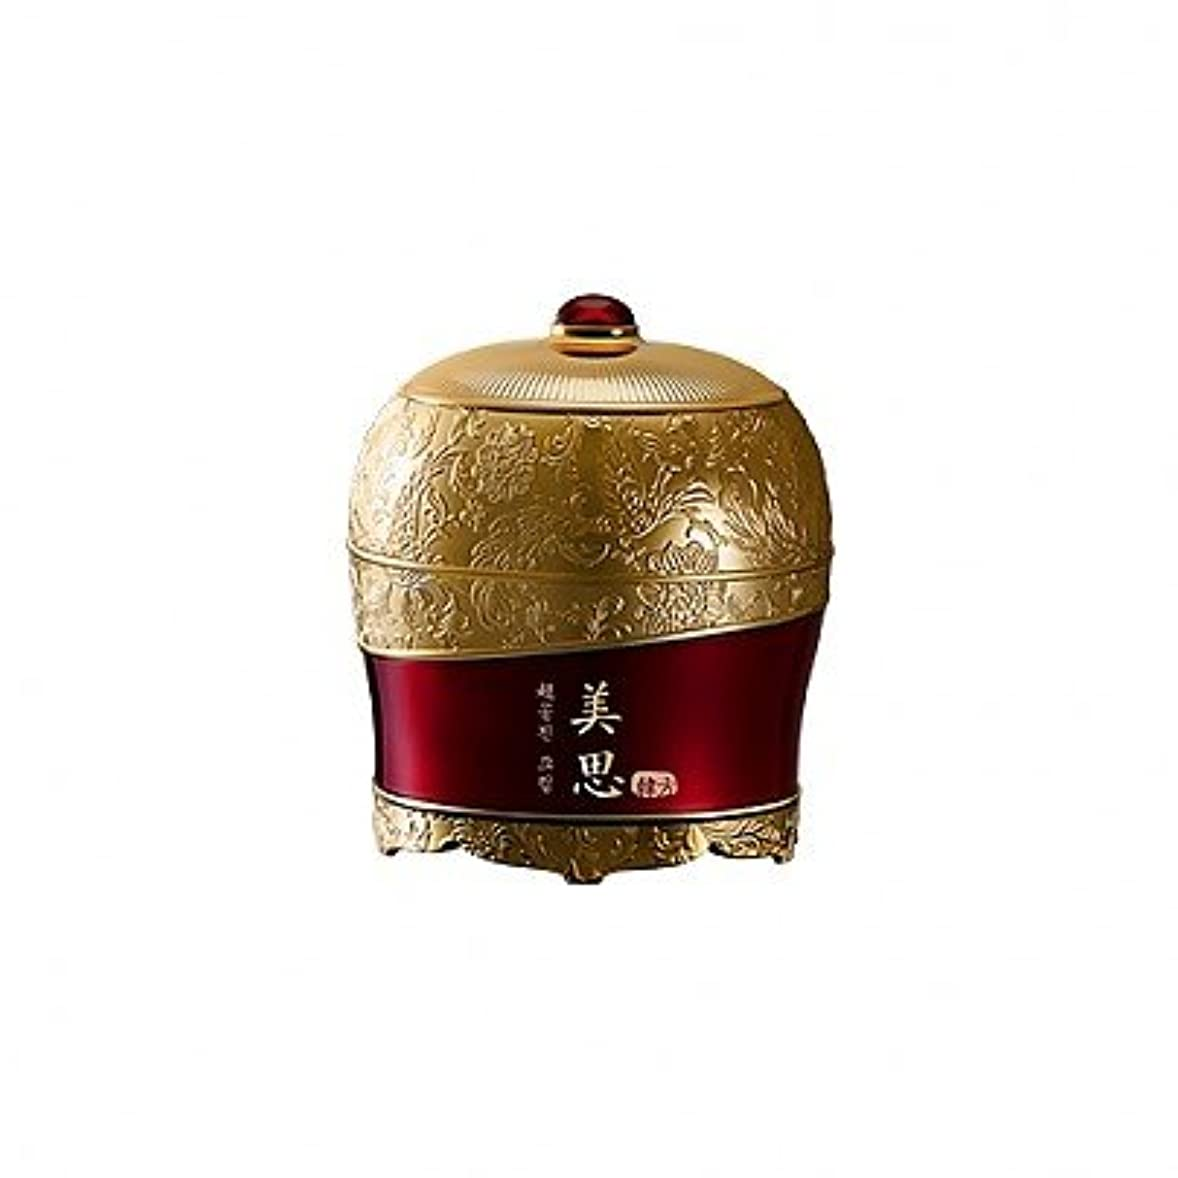 船外労苦要塞MISSHA/ミシャ チョゴンジン クリーム (旧チョボヤン) 60ml[海外直送品]